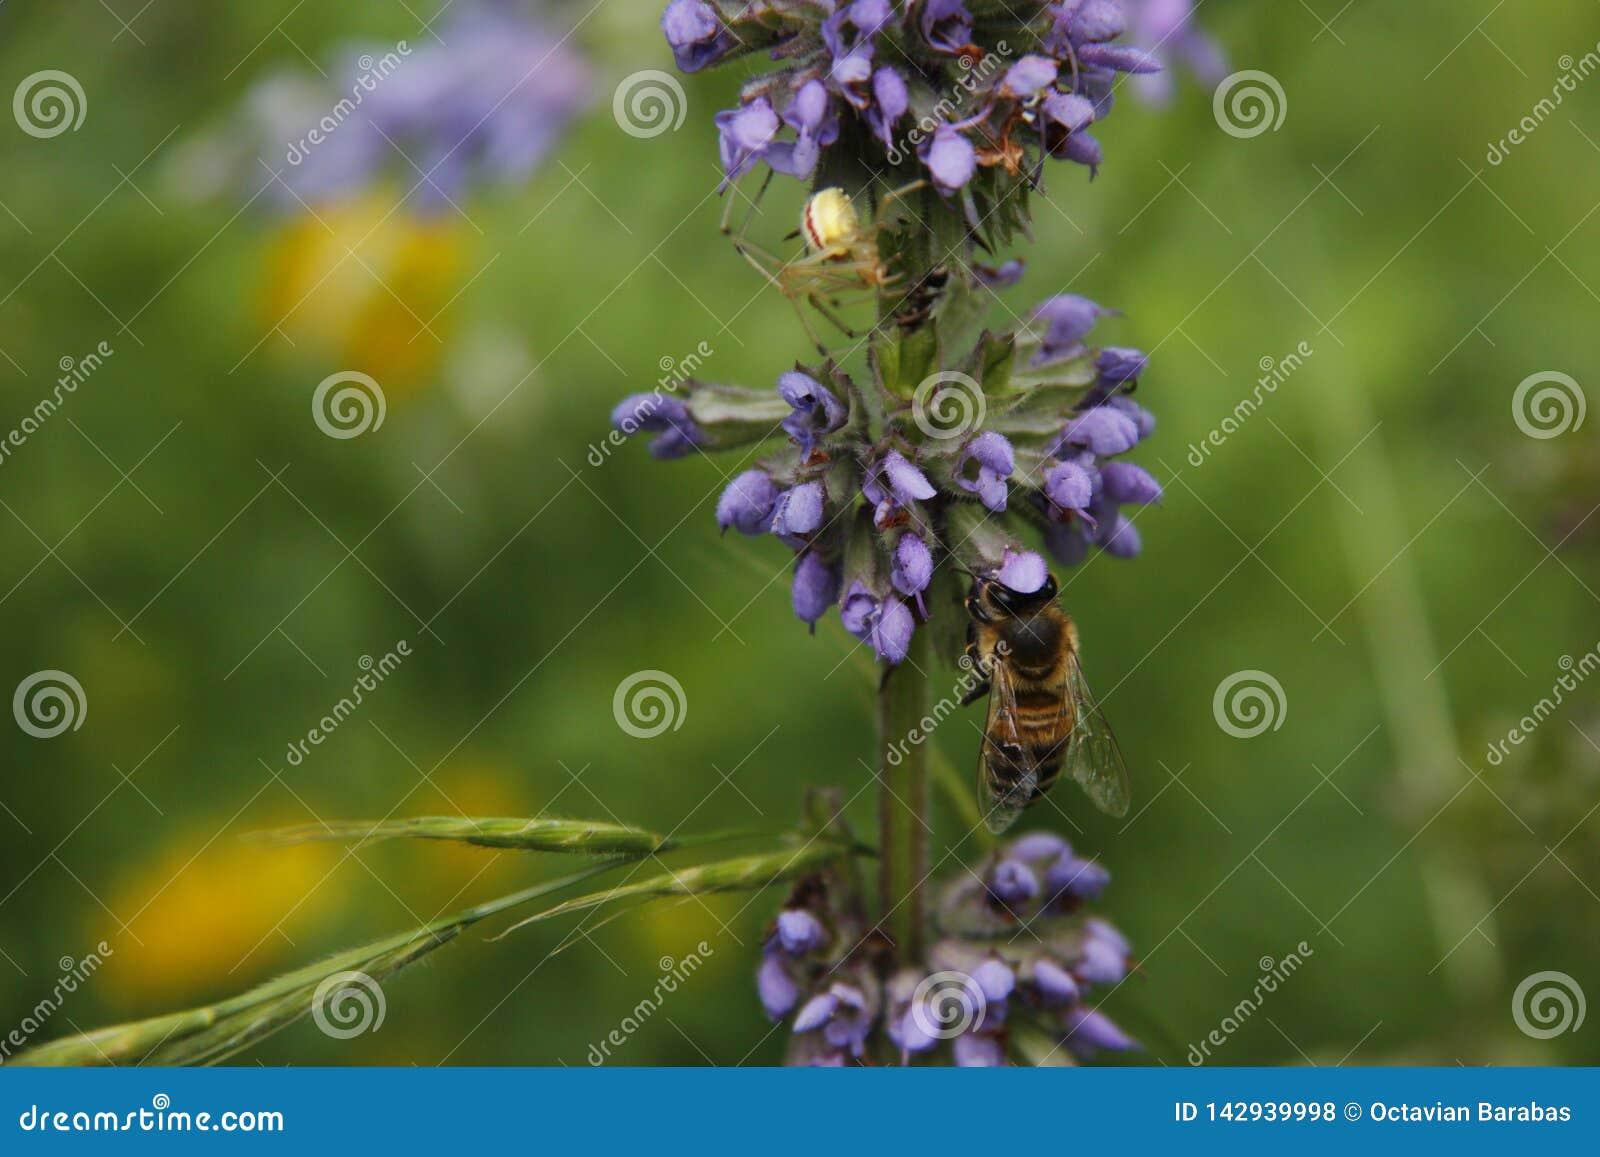 Biene und Spinne im Sommer im Garten auf Blumenstiel